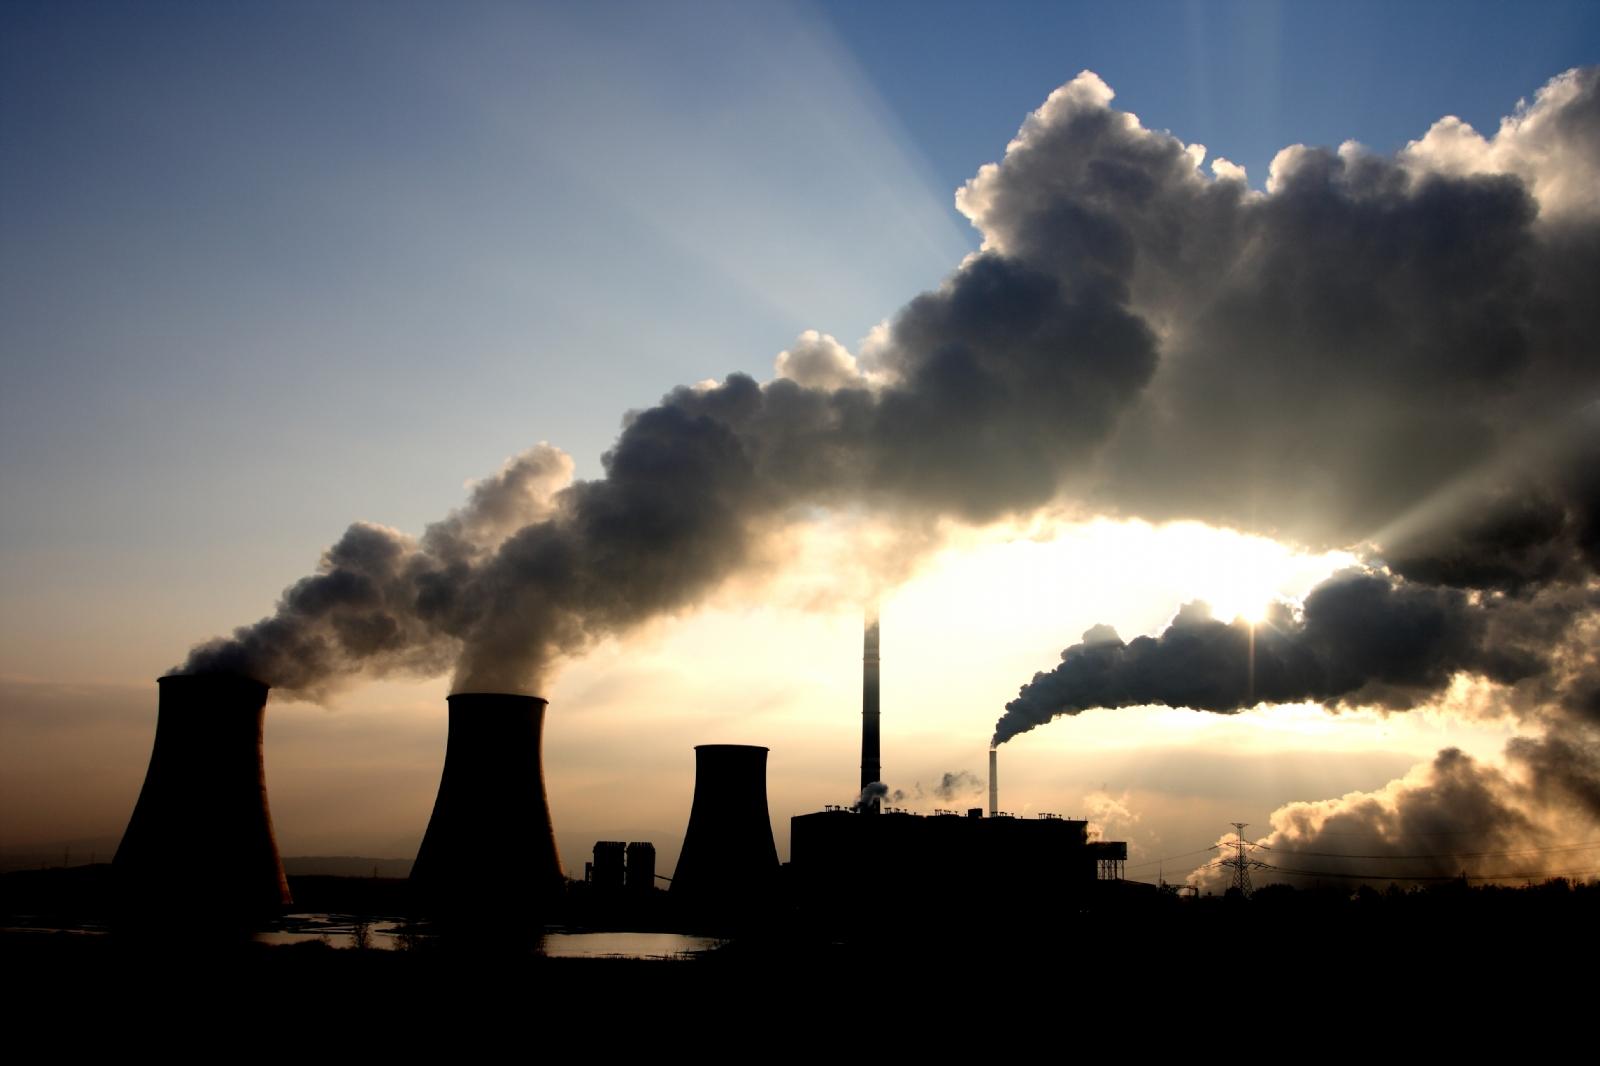 Una de cada 6 muertes está relacionada con la contaminación, según informe